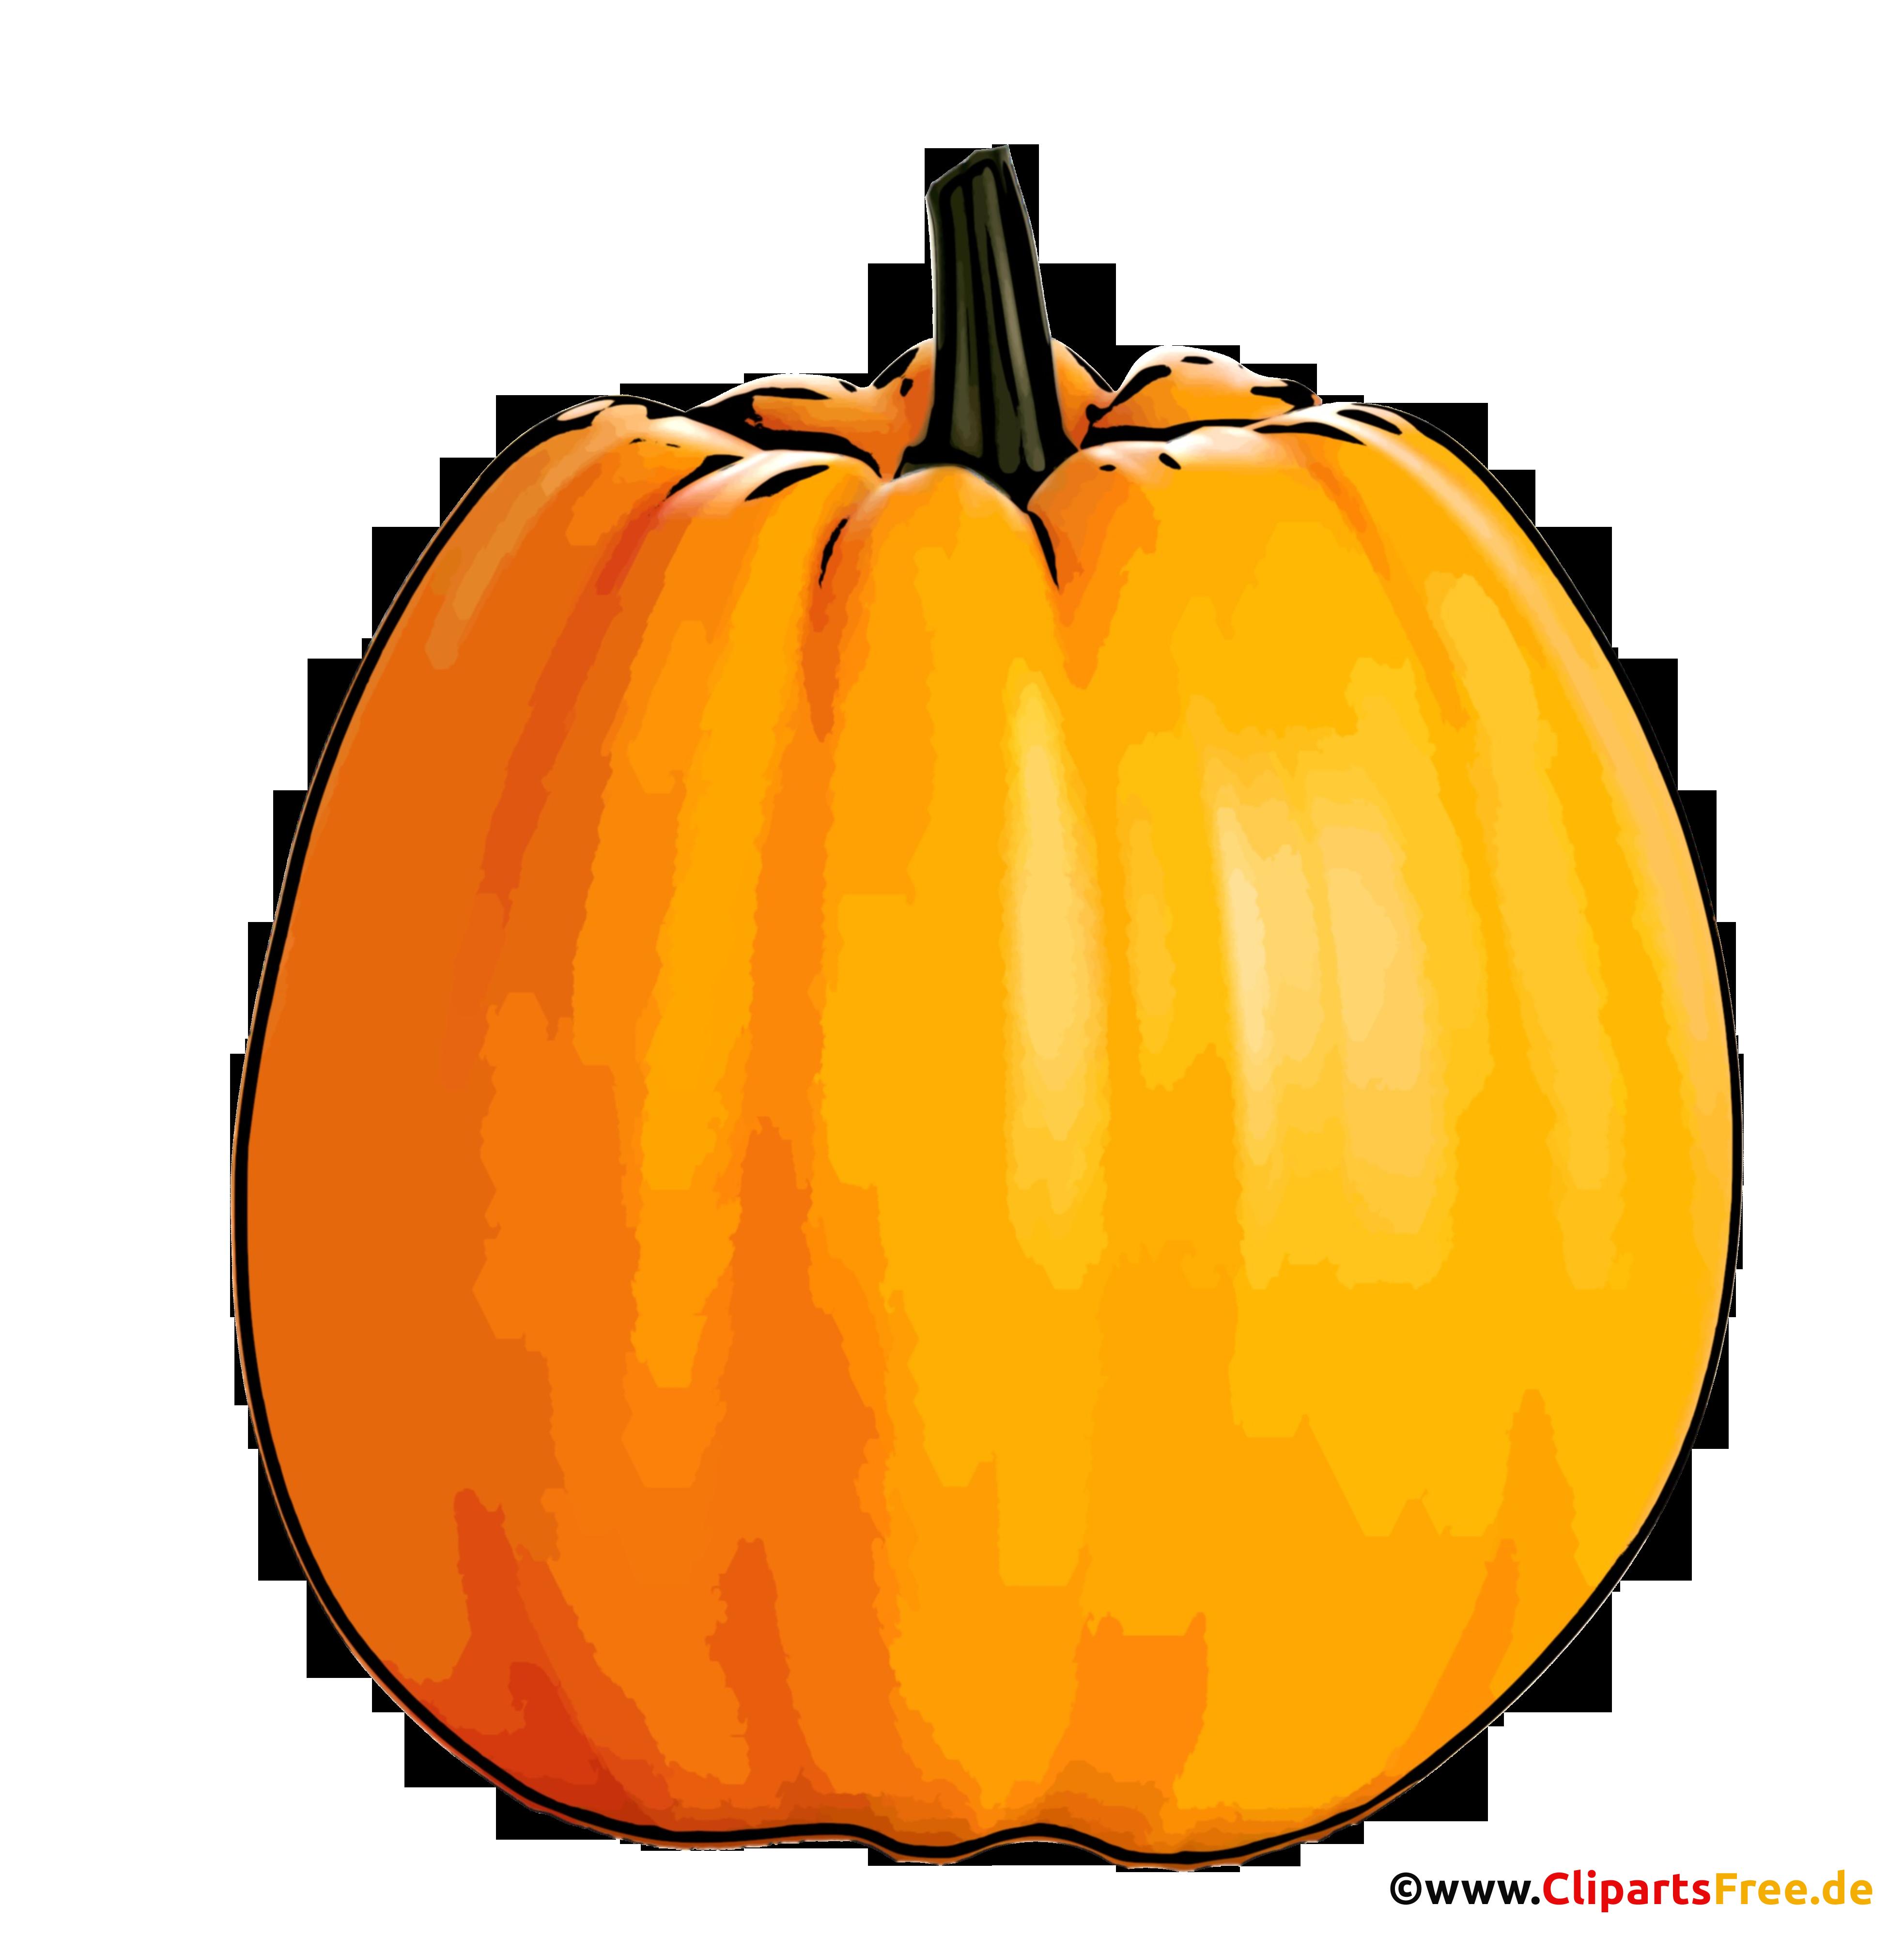 Kürbis Illustration - Herbst Bilder im PNG-Format